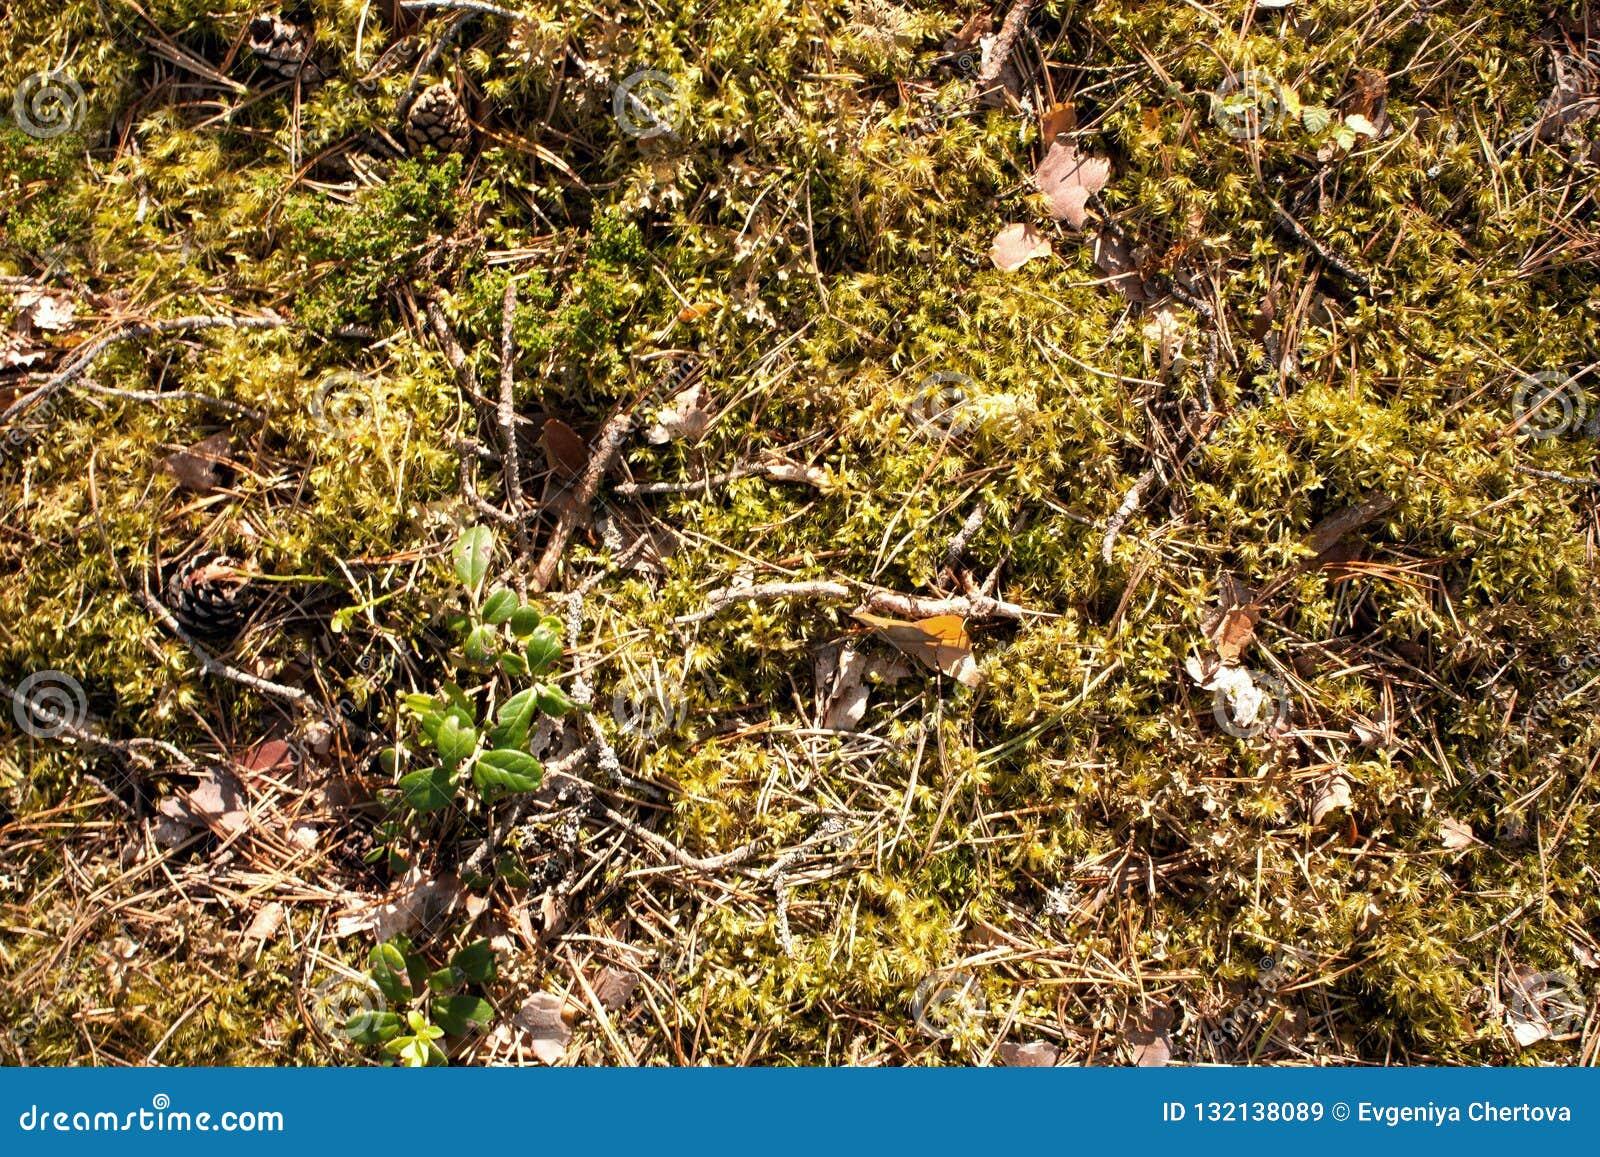 Textura del musgo del bosque, vegetación salvaje del bosque verde con los pedazos de ramas, conos de abeto, corteza de árbol y ag